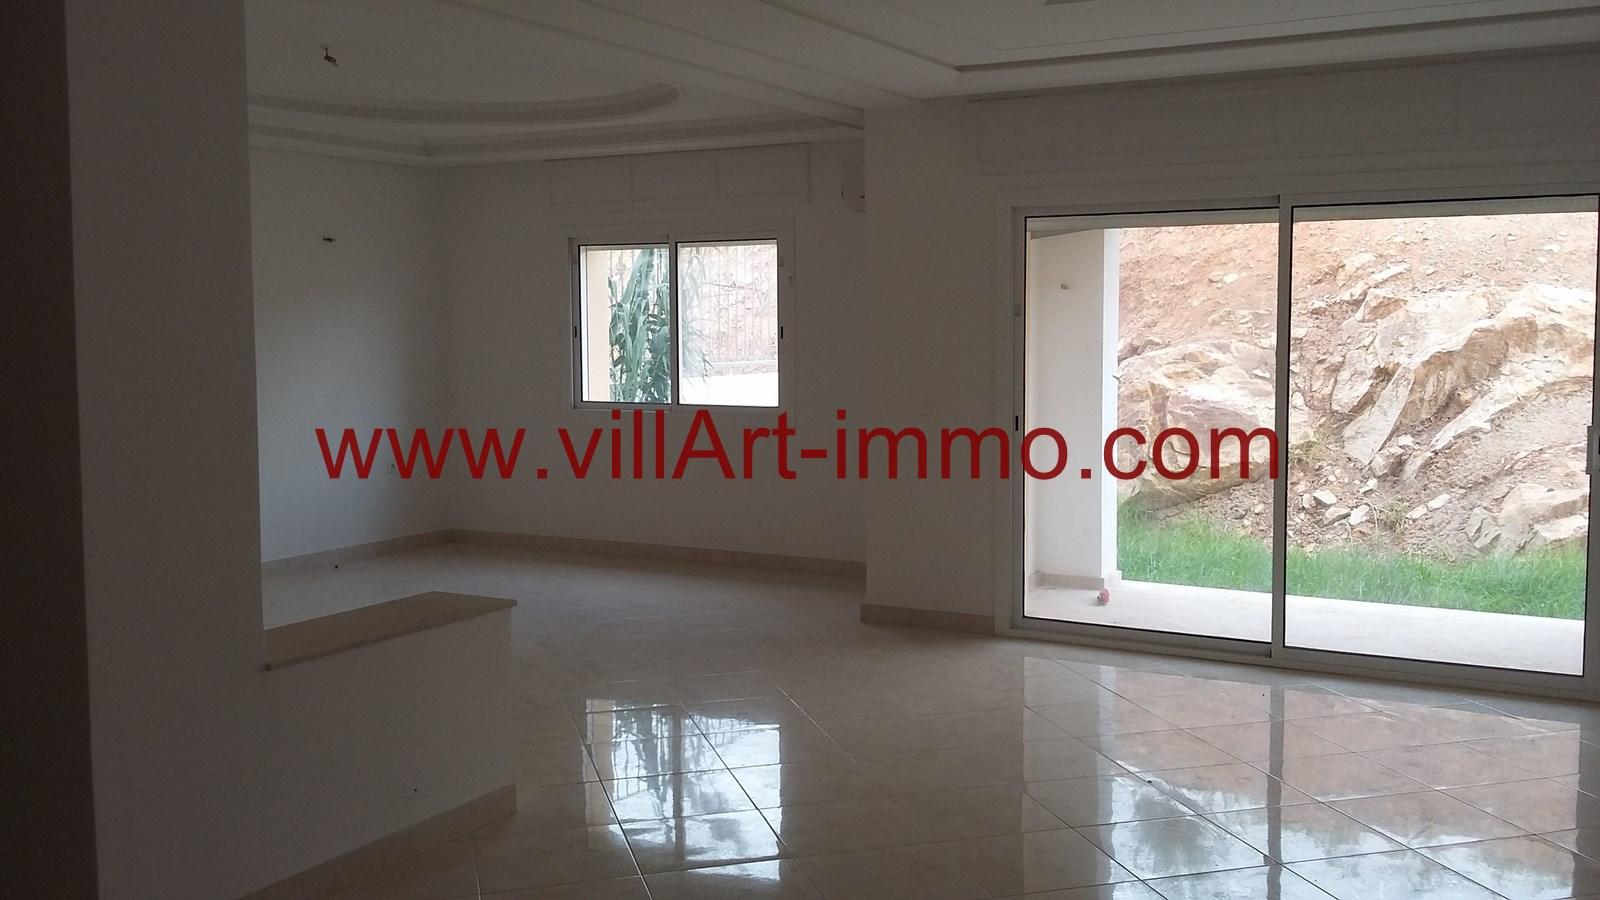 2-a-louer-appartement-non-meuble-tanger-salon-1-l881-villart-immo